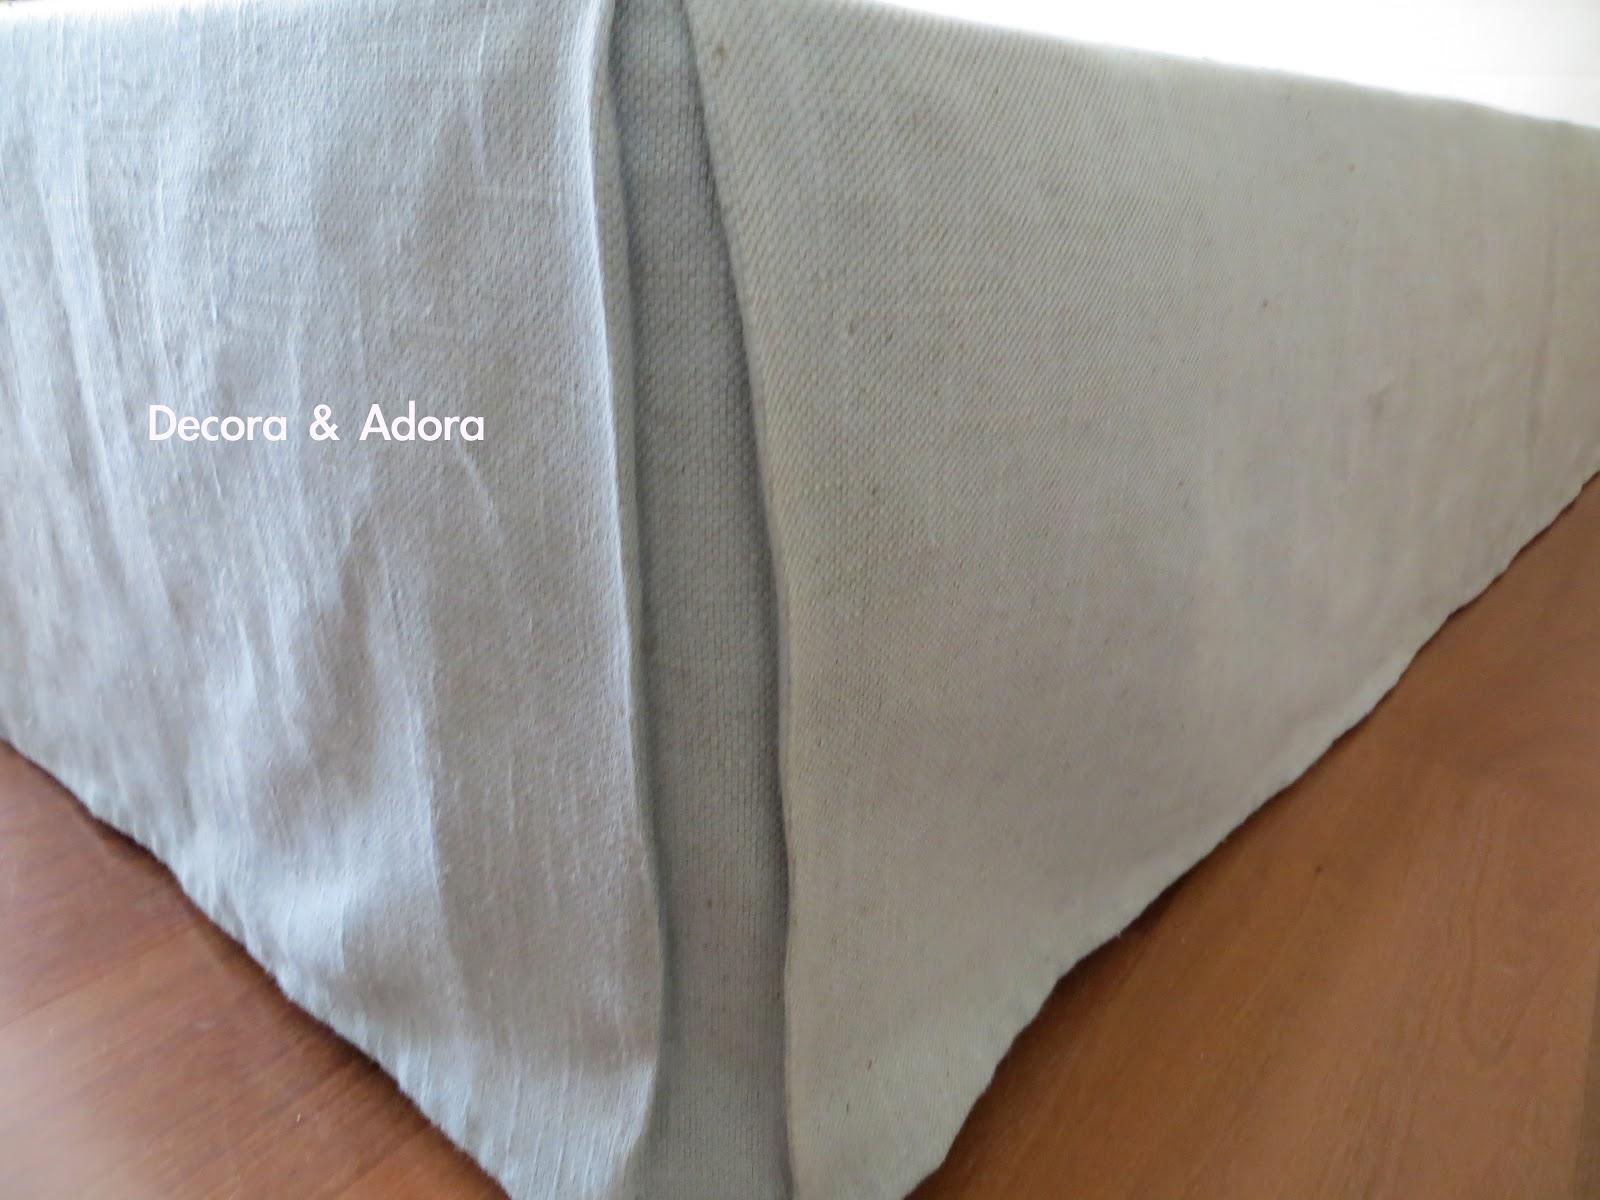 Decora Y Adora Diy Fald 243 N De Mi Cama Diy My Bed Skirt